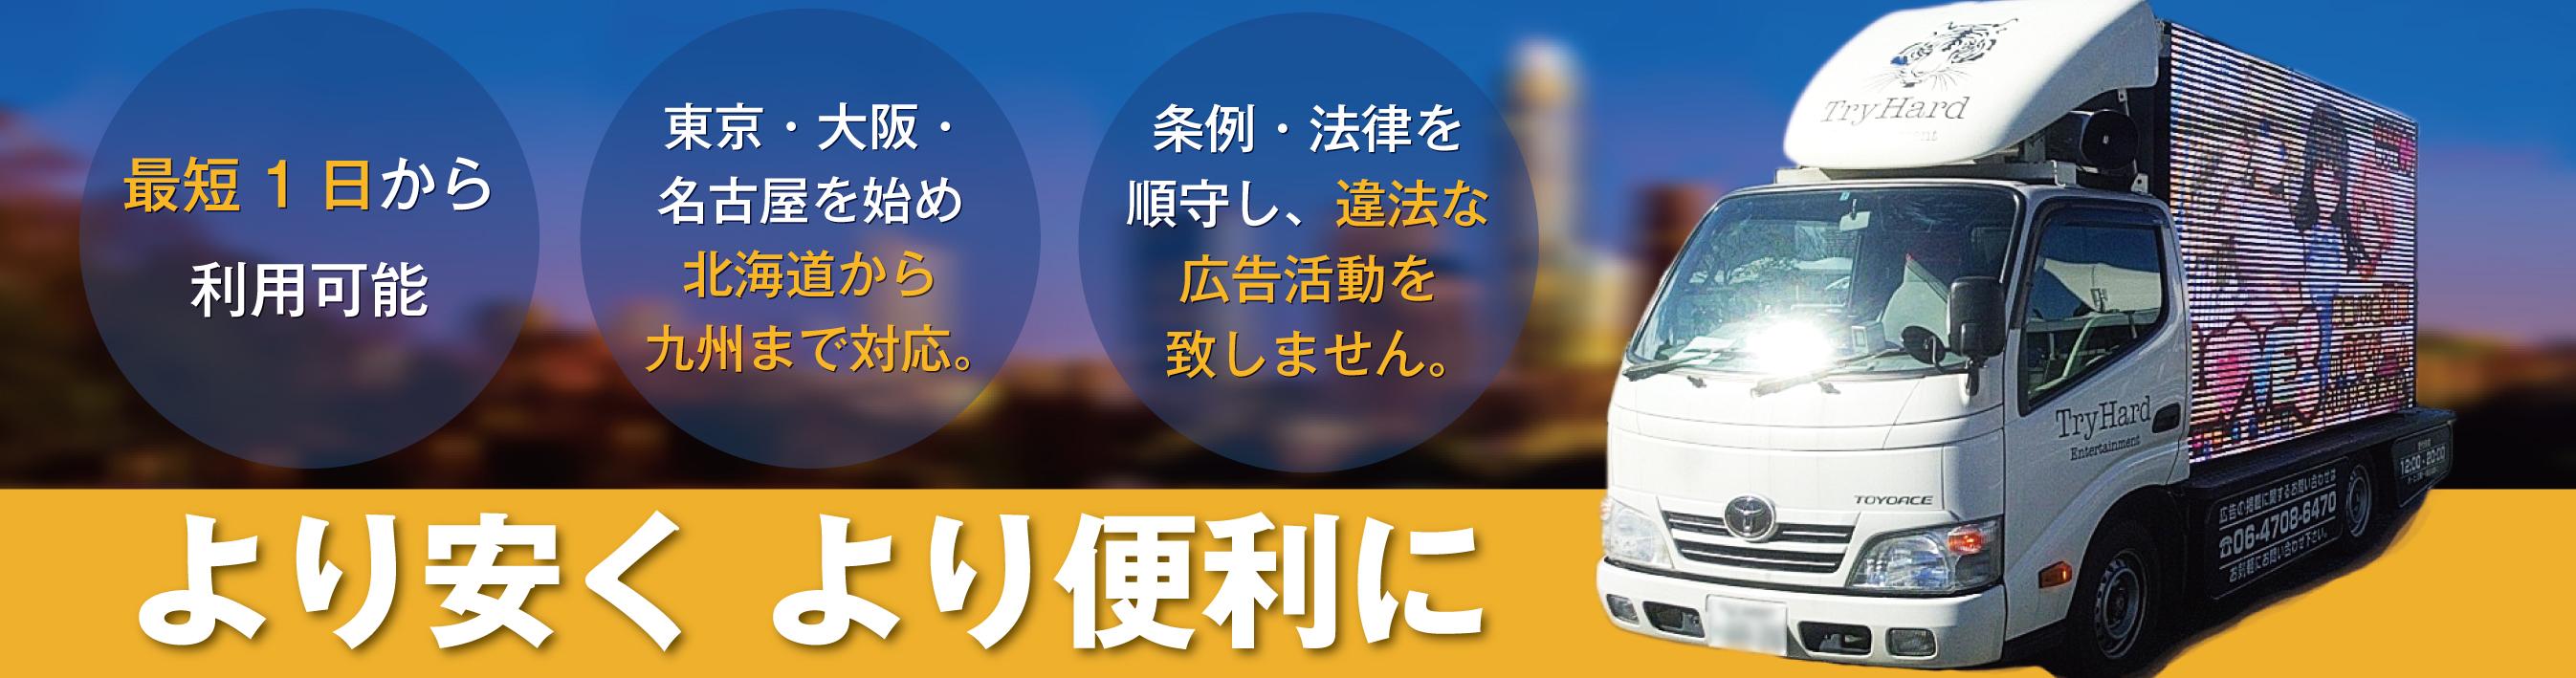 より便利に、より簡単に。1週間からの短期利用も可能。東京、大阪、名古屋など大都市を始め、北海道から九州まで全国対応。